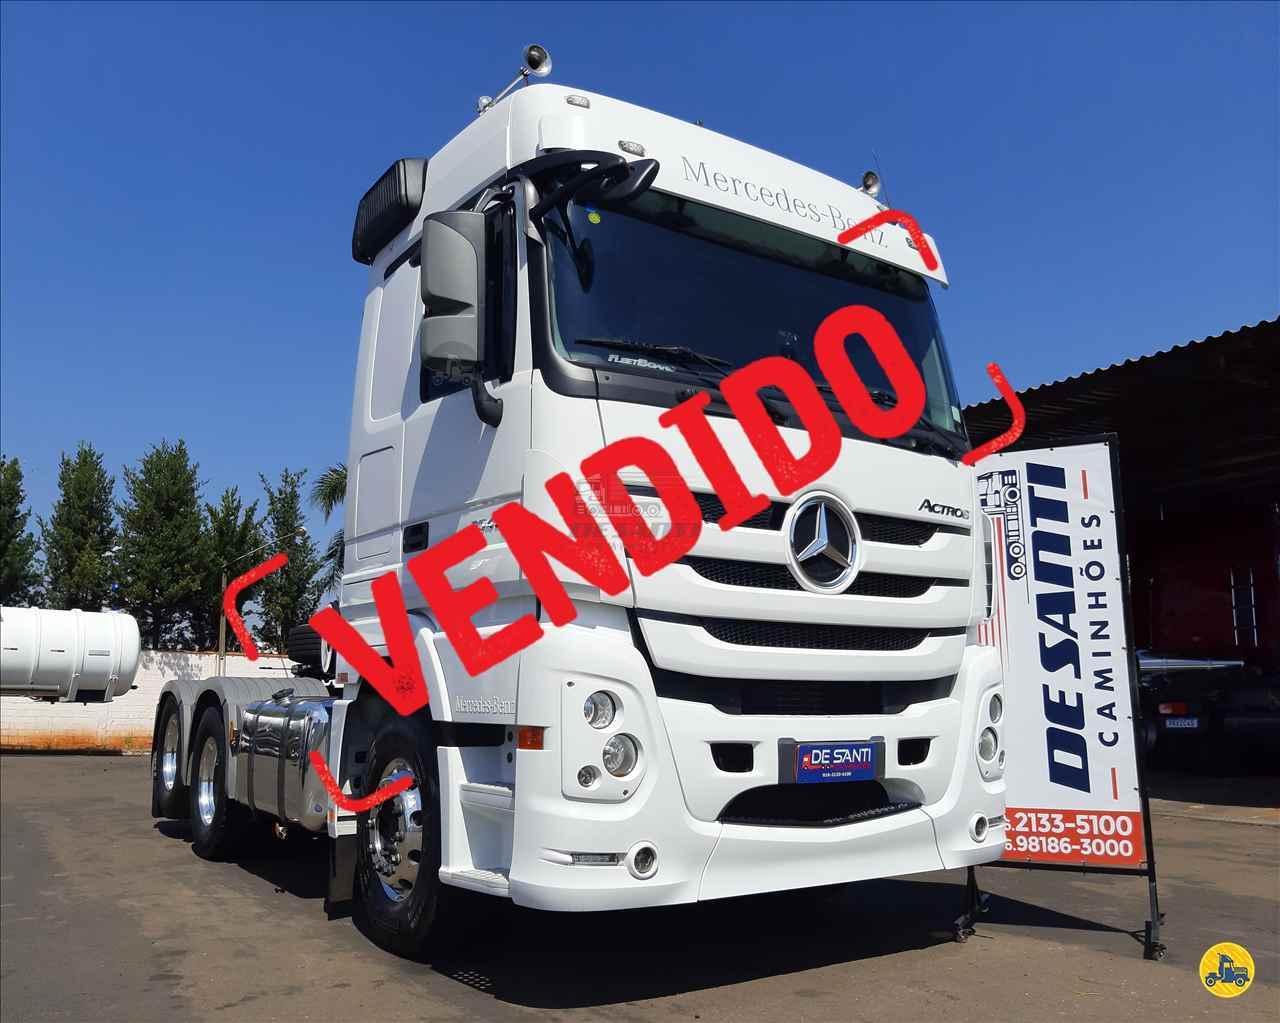 CAMINHAO MERCEDES-BENZ MB 2546 Cavalo Mecânico Truck 6x2 De Santi Caminhões RIBEIRAO PRETO SÃO PAULO SP